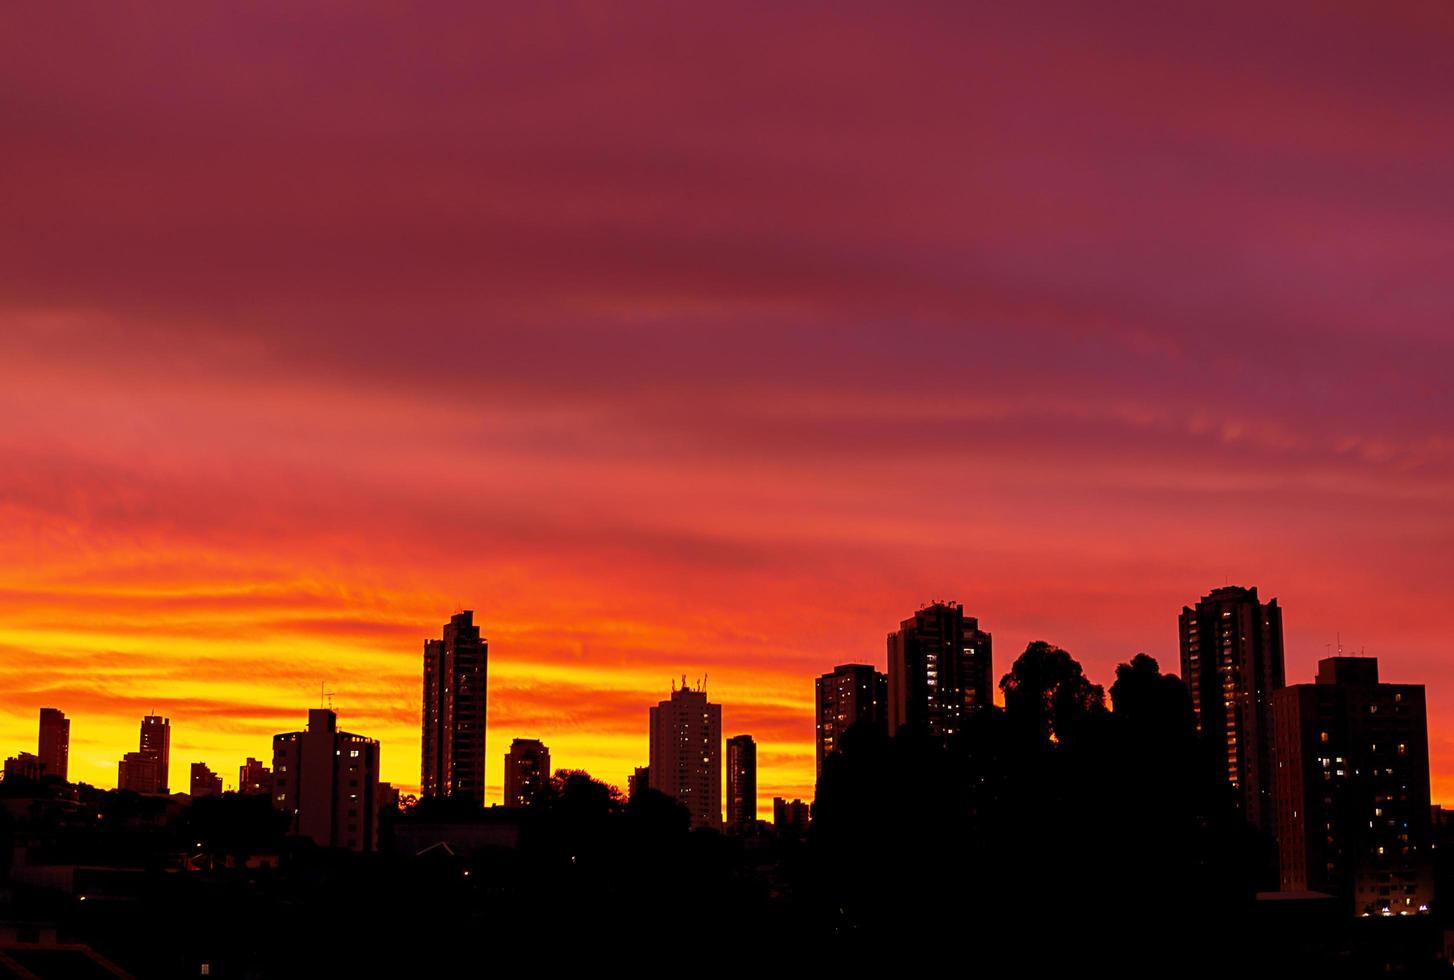 edifícios da cidade durante o pôr do sol foto